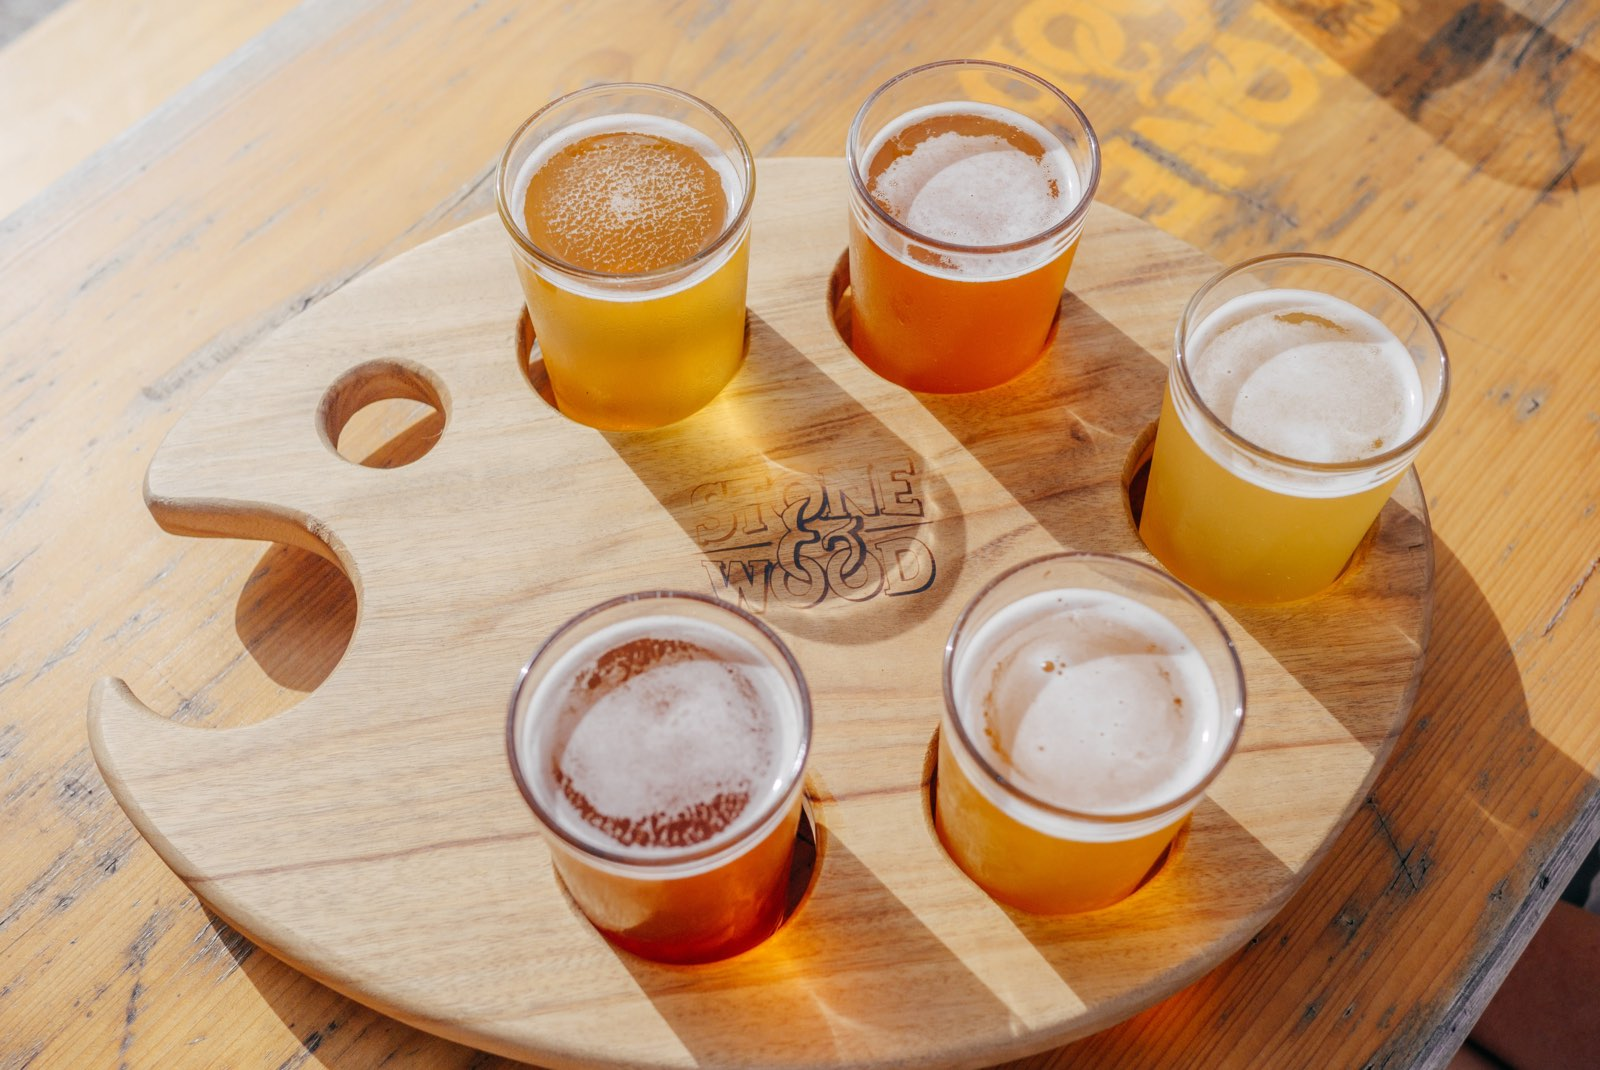 Formas de llamar a las cervezas especiales